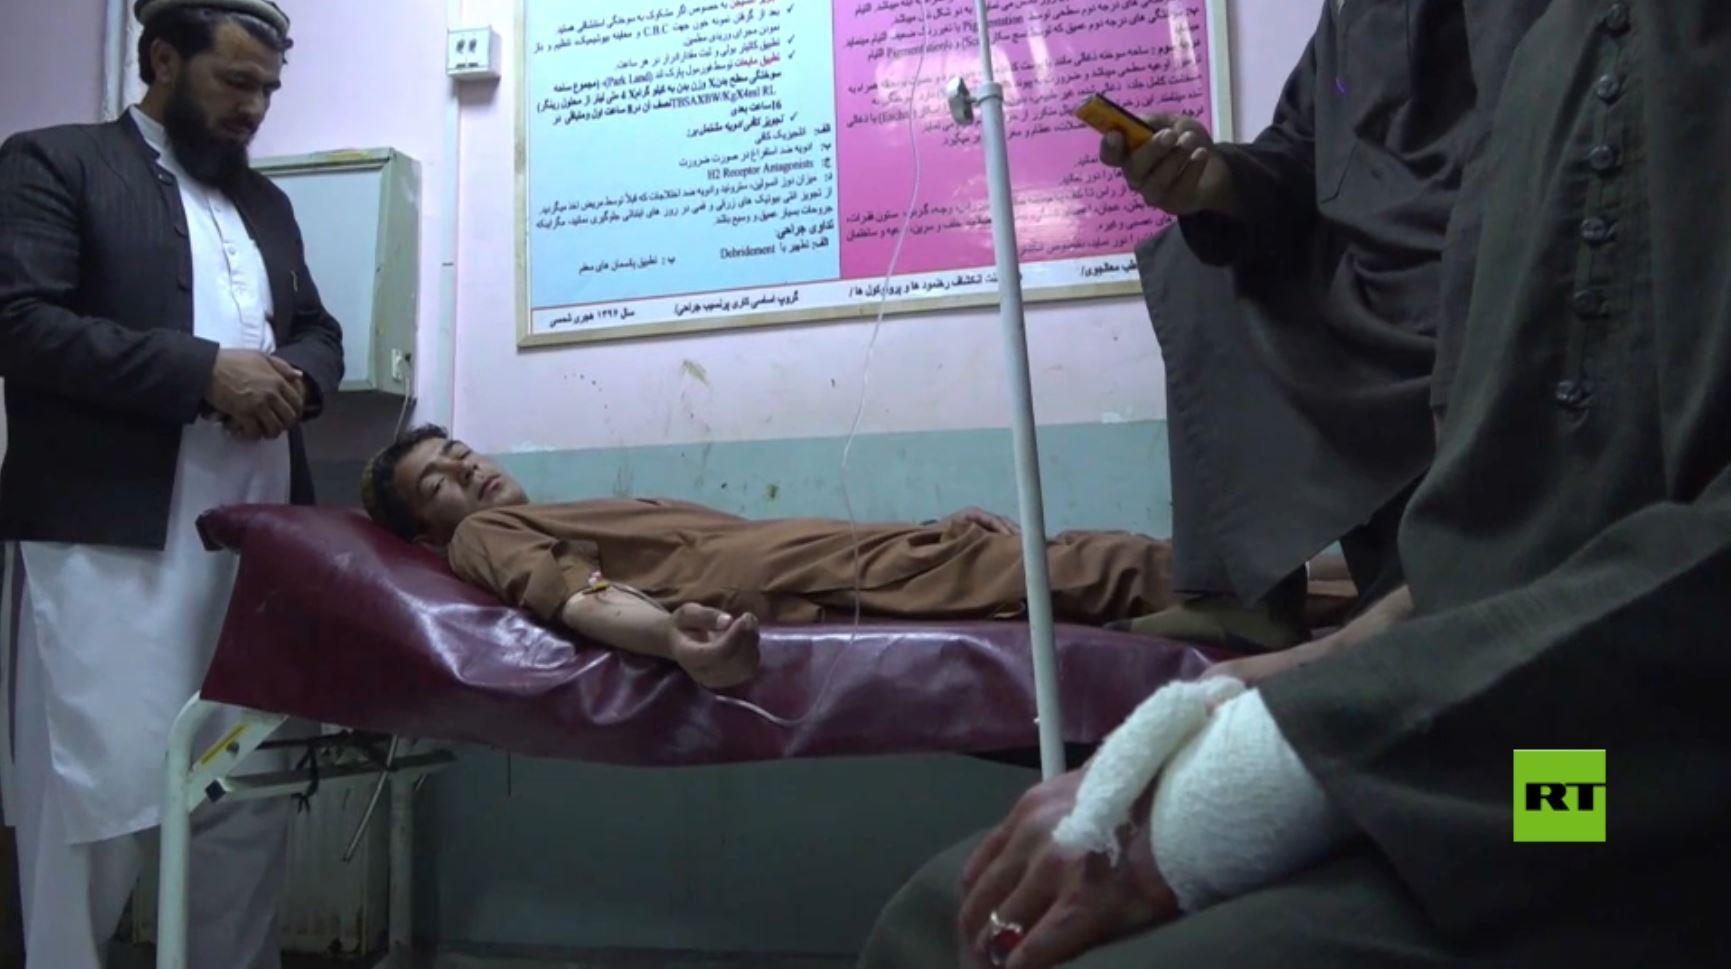 3 قتلى و 11 جريحا بوقوع انفجار خلال مباراة  كرة قدم في أفغانستان